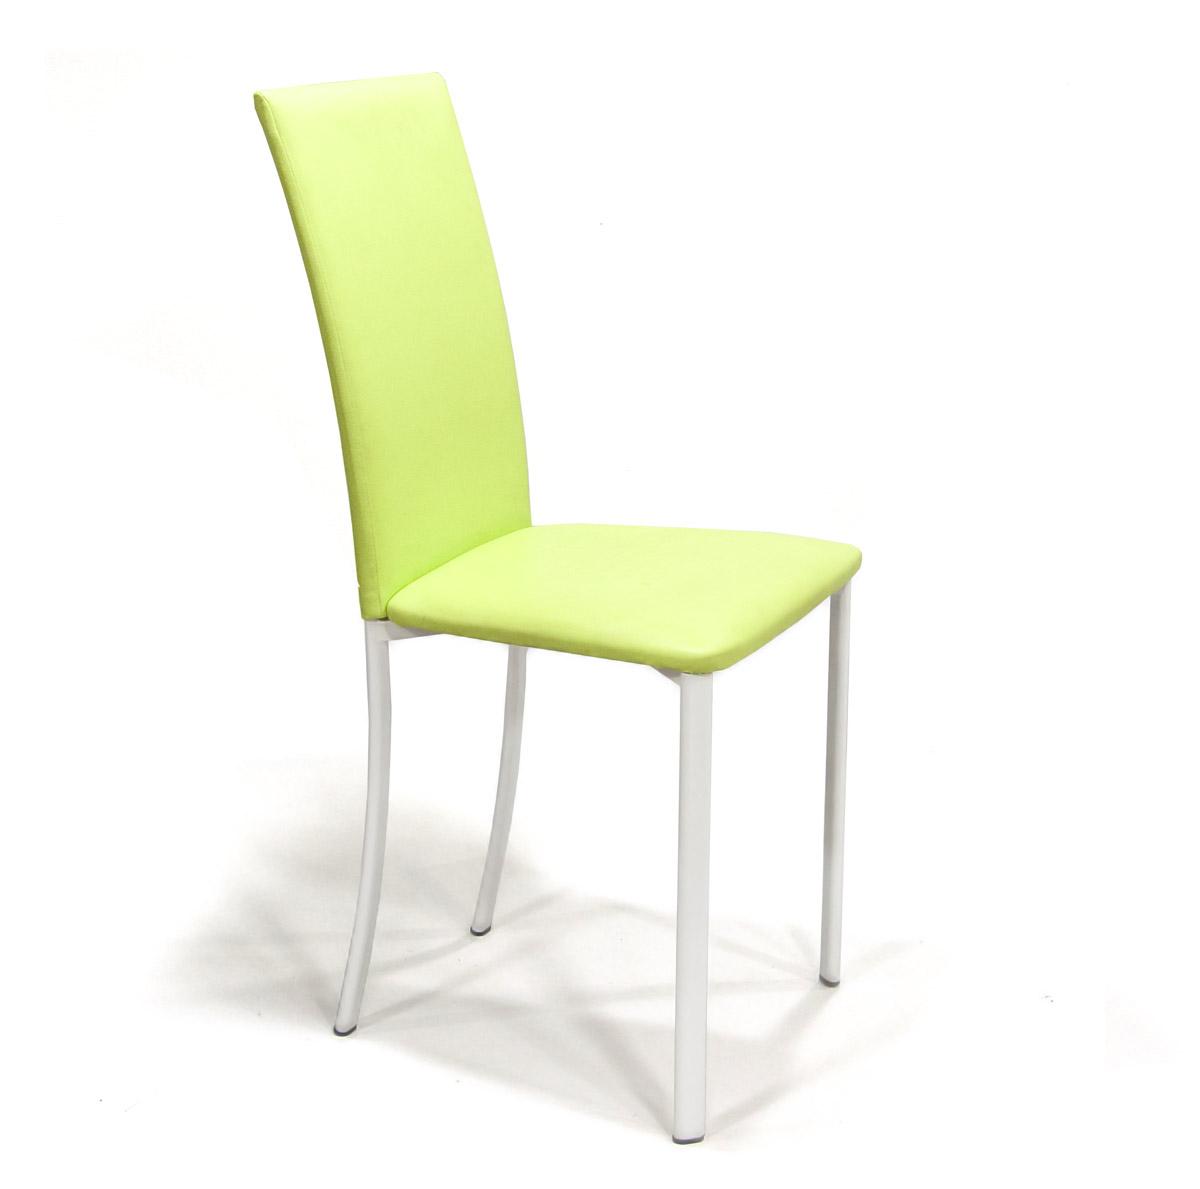 Krzesło Restauracyjne Soft Image